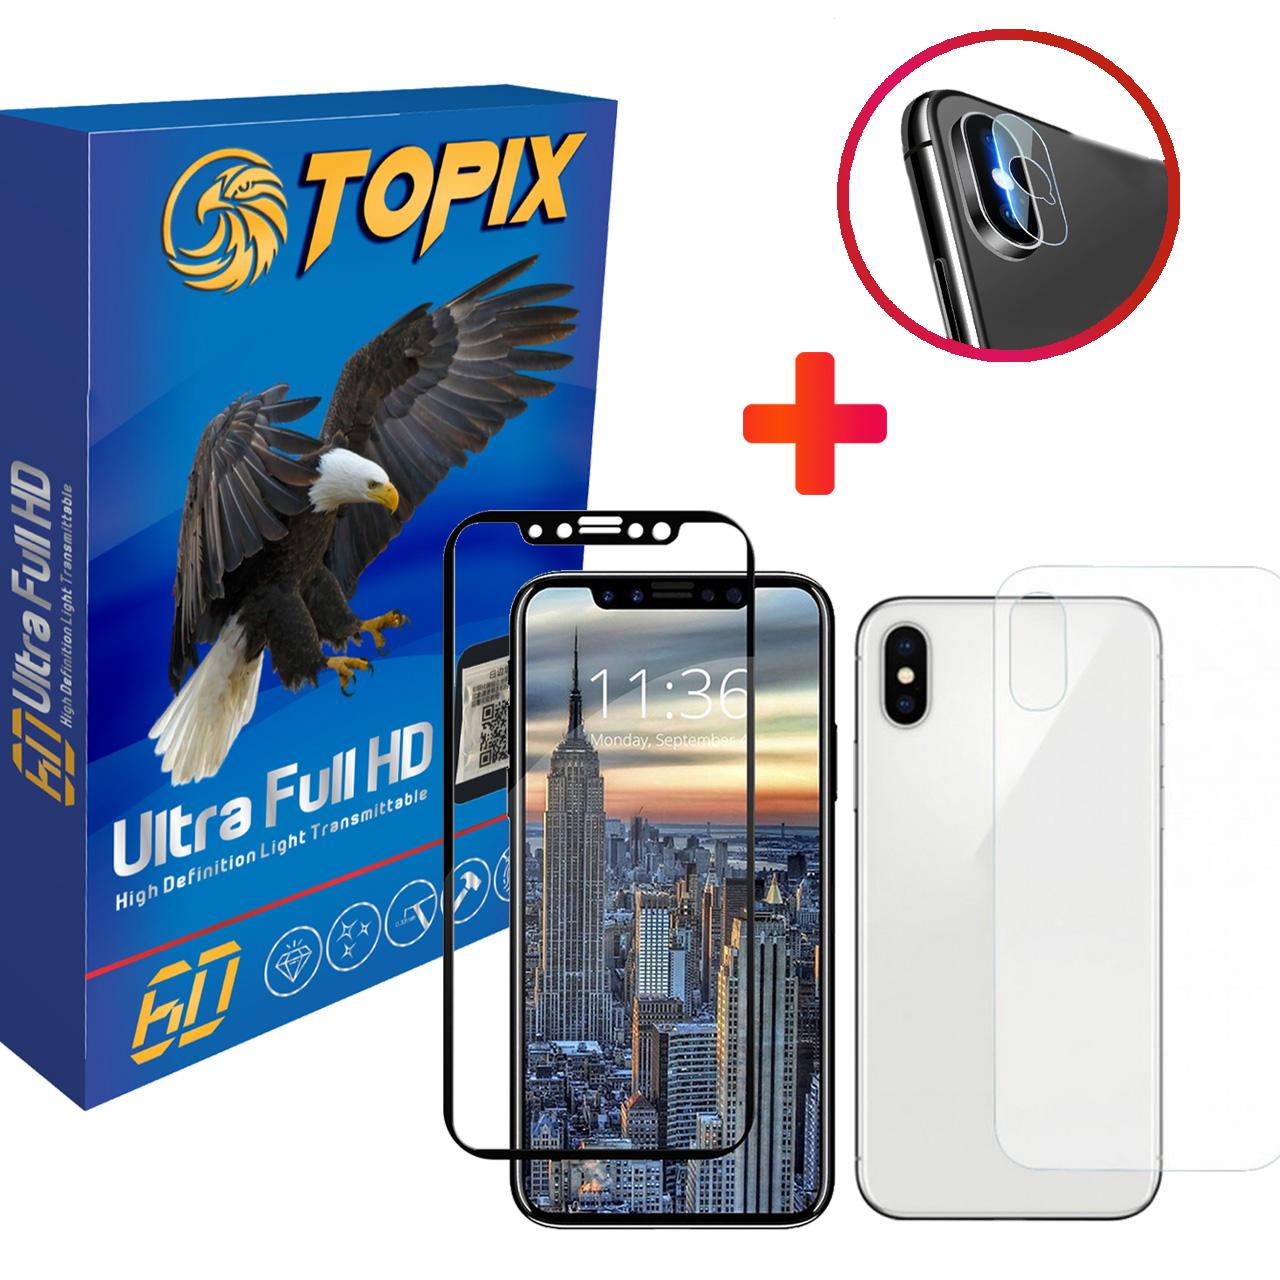 محافظ صفحه نمایش و پشت و لنز تمام چسب شیشه ای تاپیکس مدل Super Hard مناسب برای گوشی iphone X